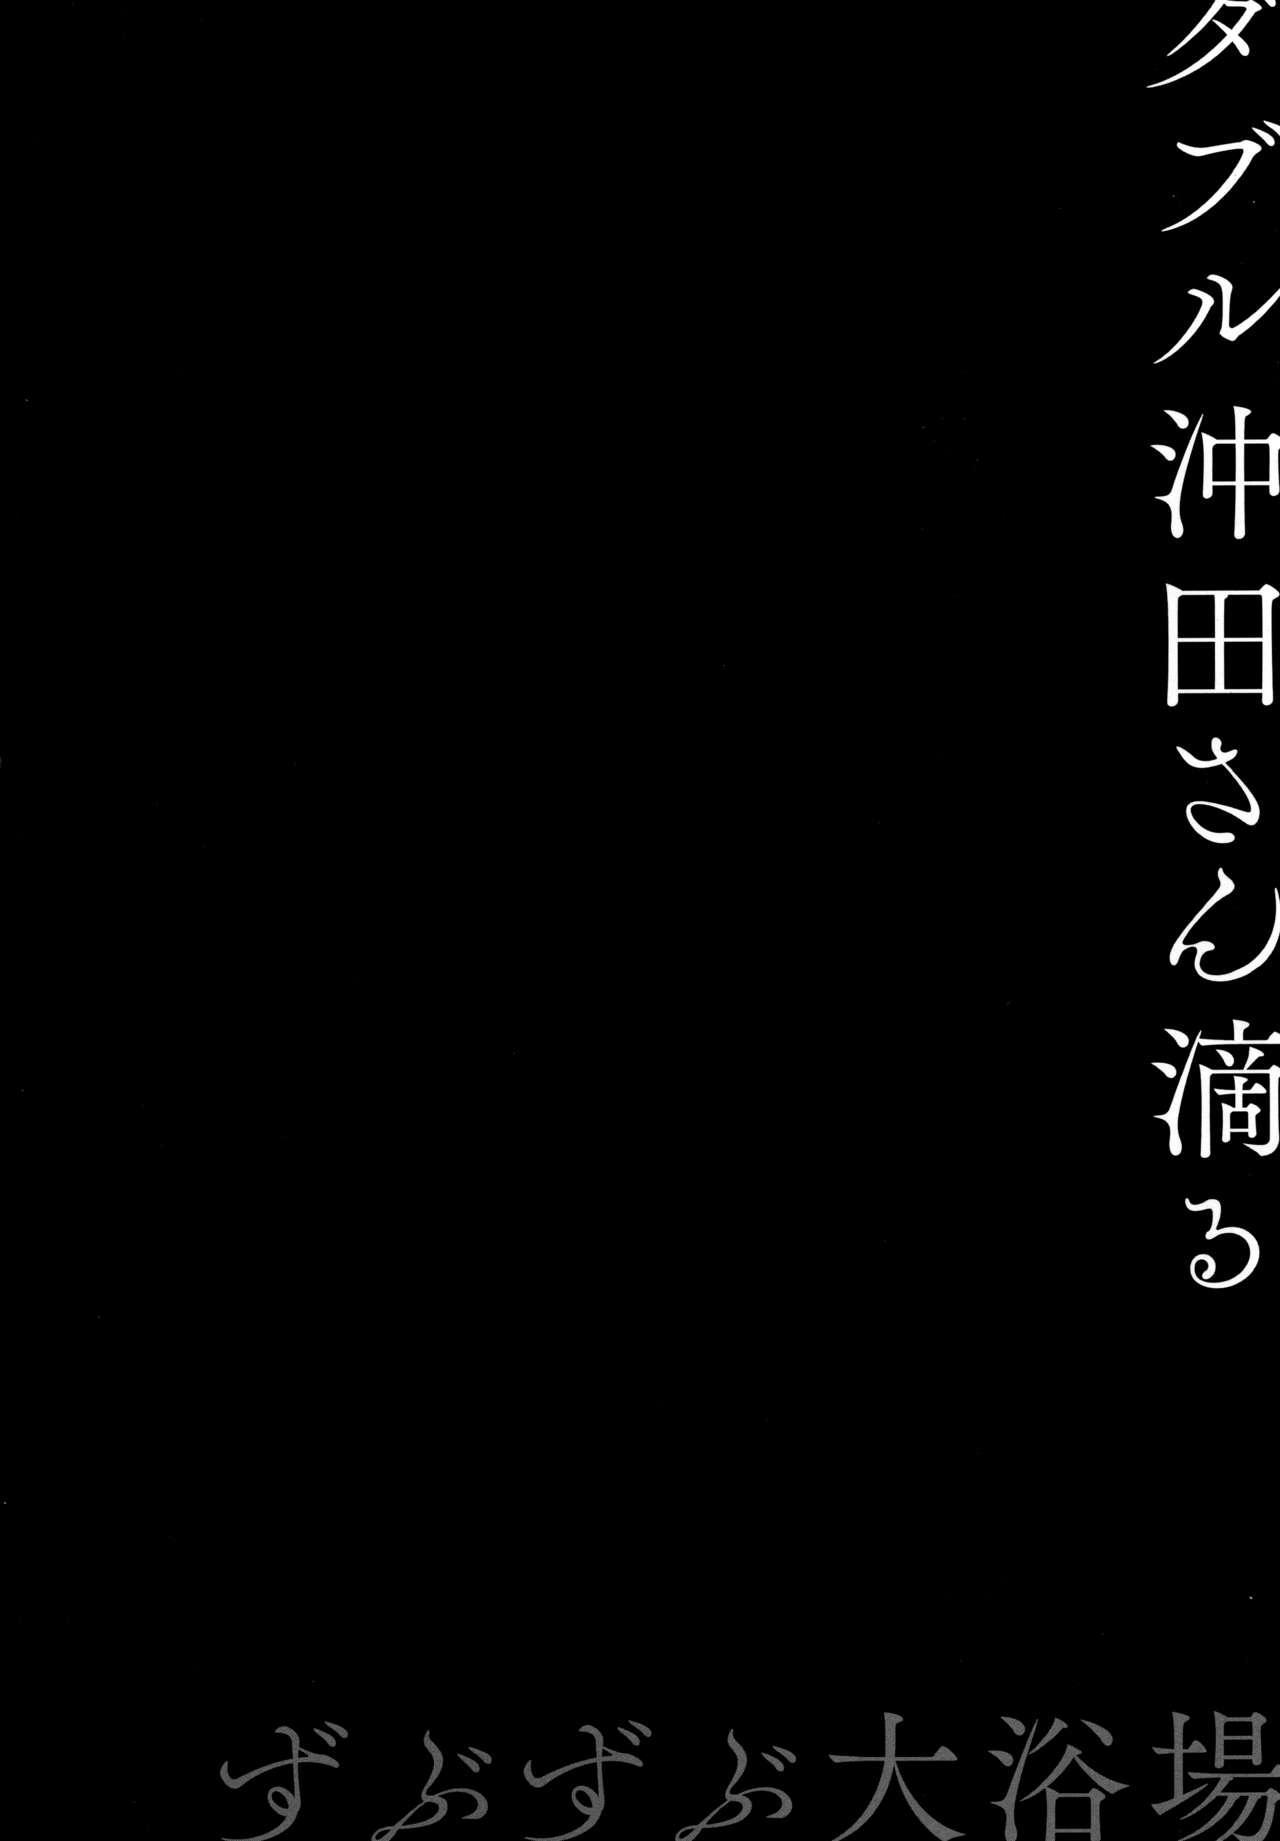 (C94) [Kinokonomi (konomi)] Double Okita-san Shitataru -Zubuzubu Daiyokujou- (Fate/Grand Order) [English] {Hennojin} 2